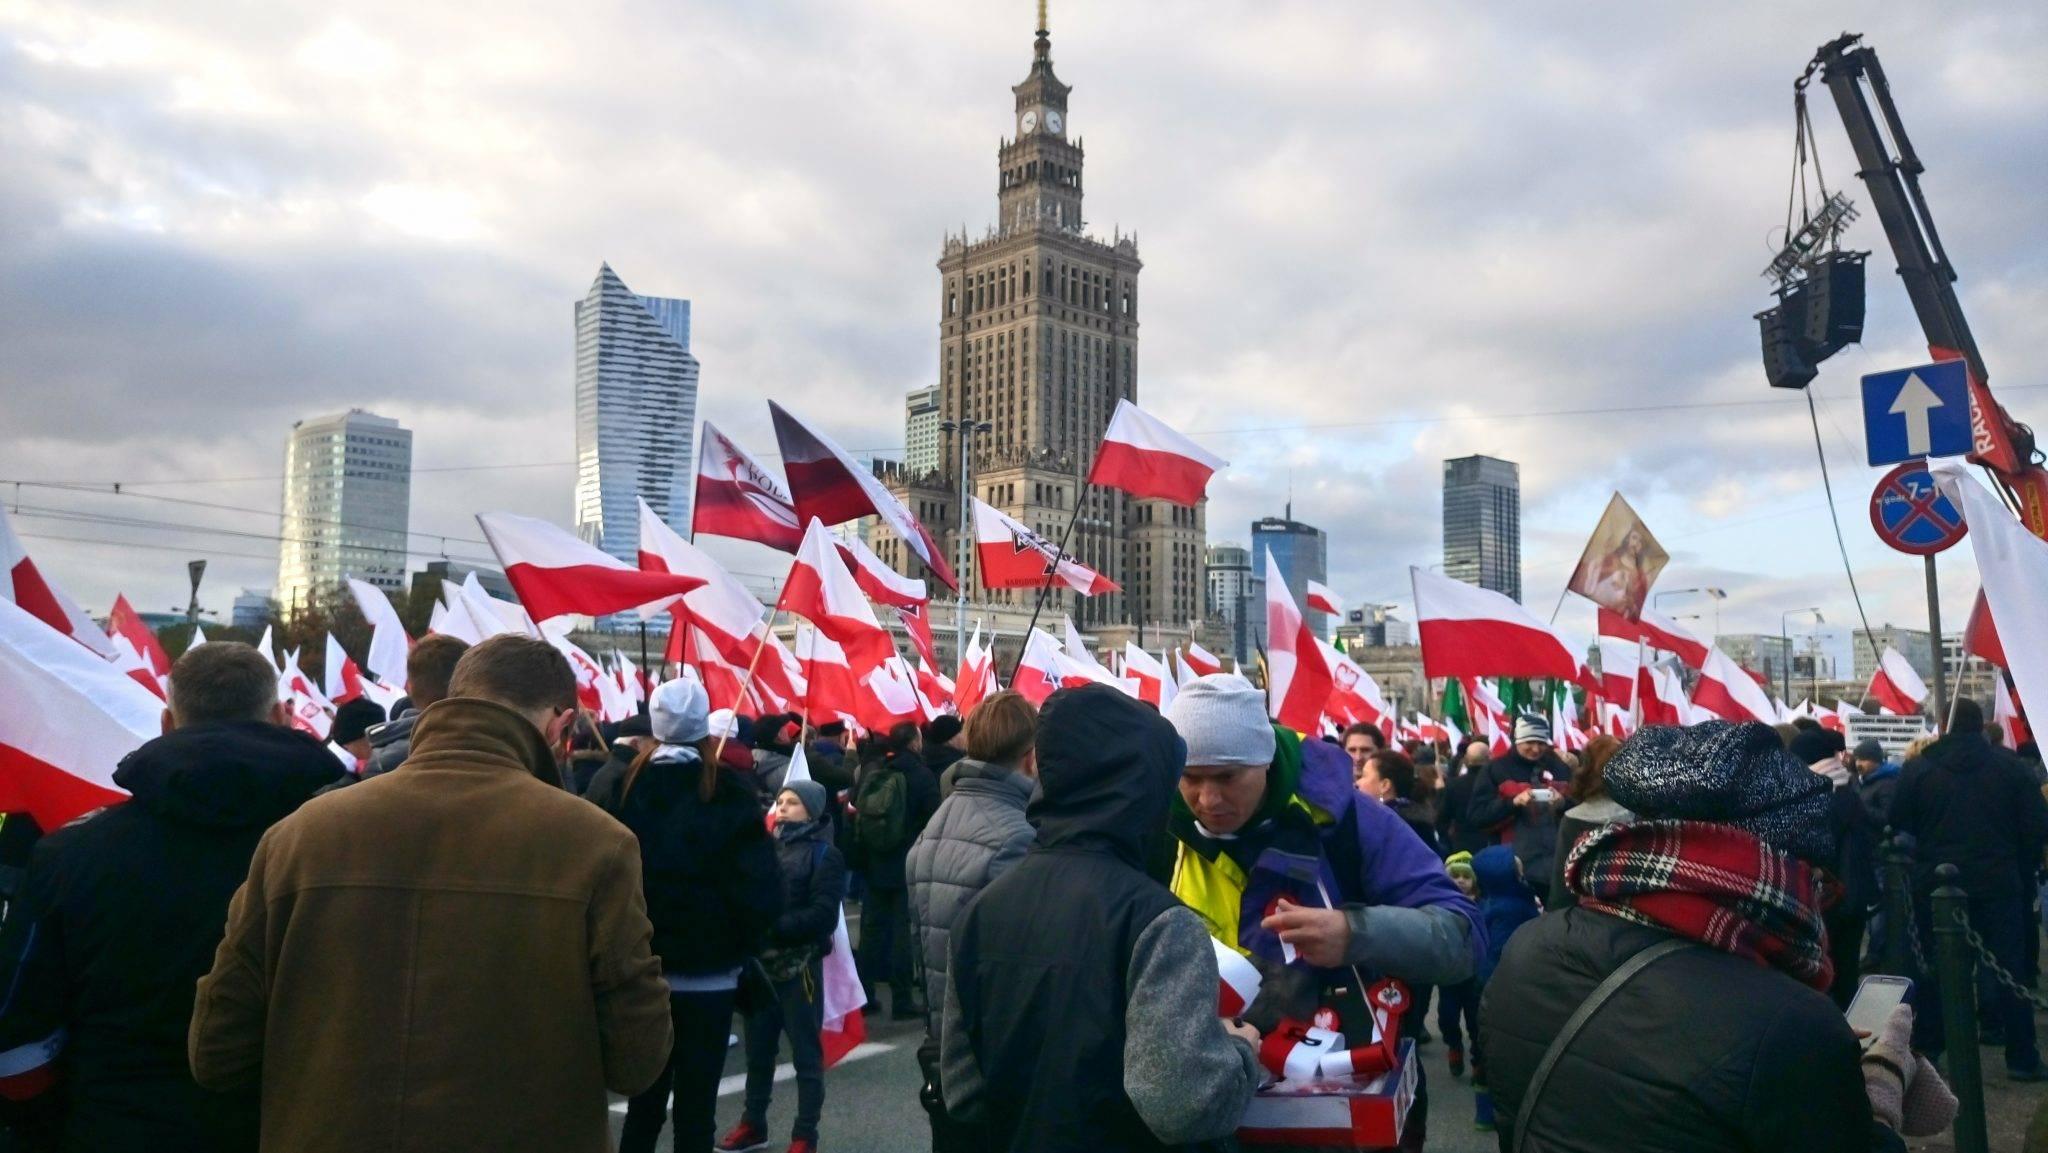 Традиции и обычаи пасхи в польше или, как празднуют wielkanoc w polsce?